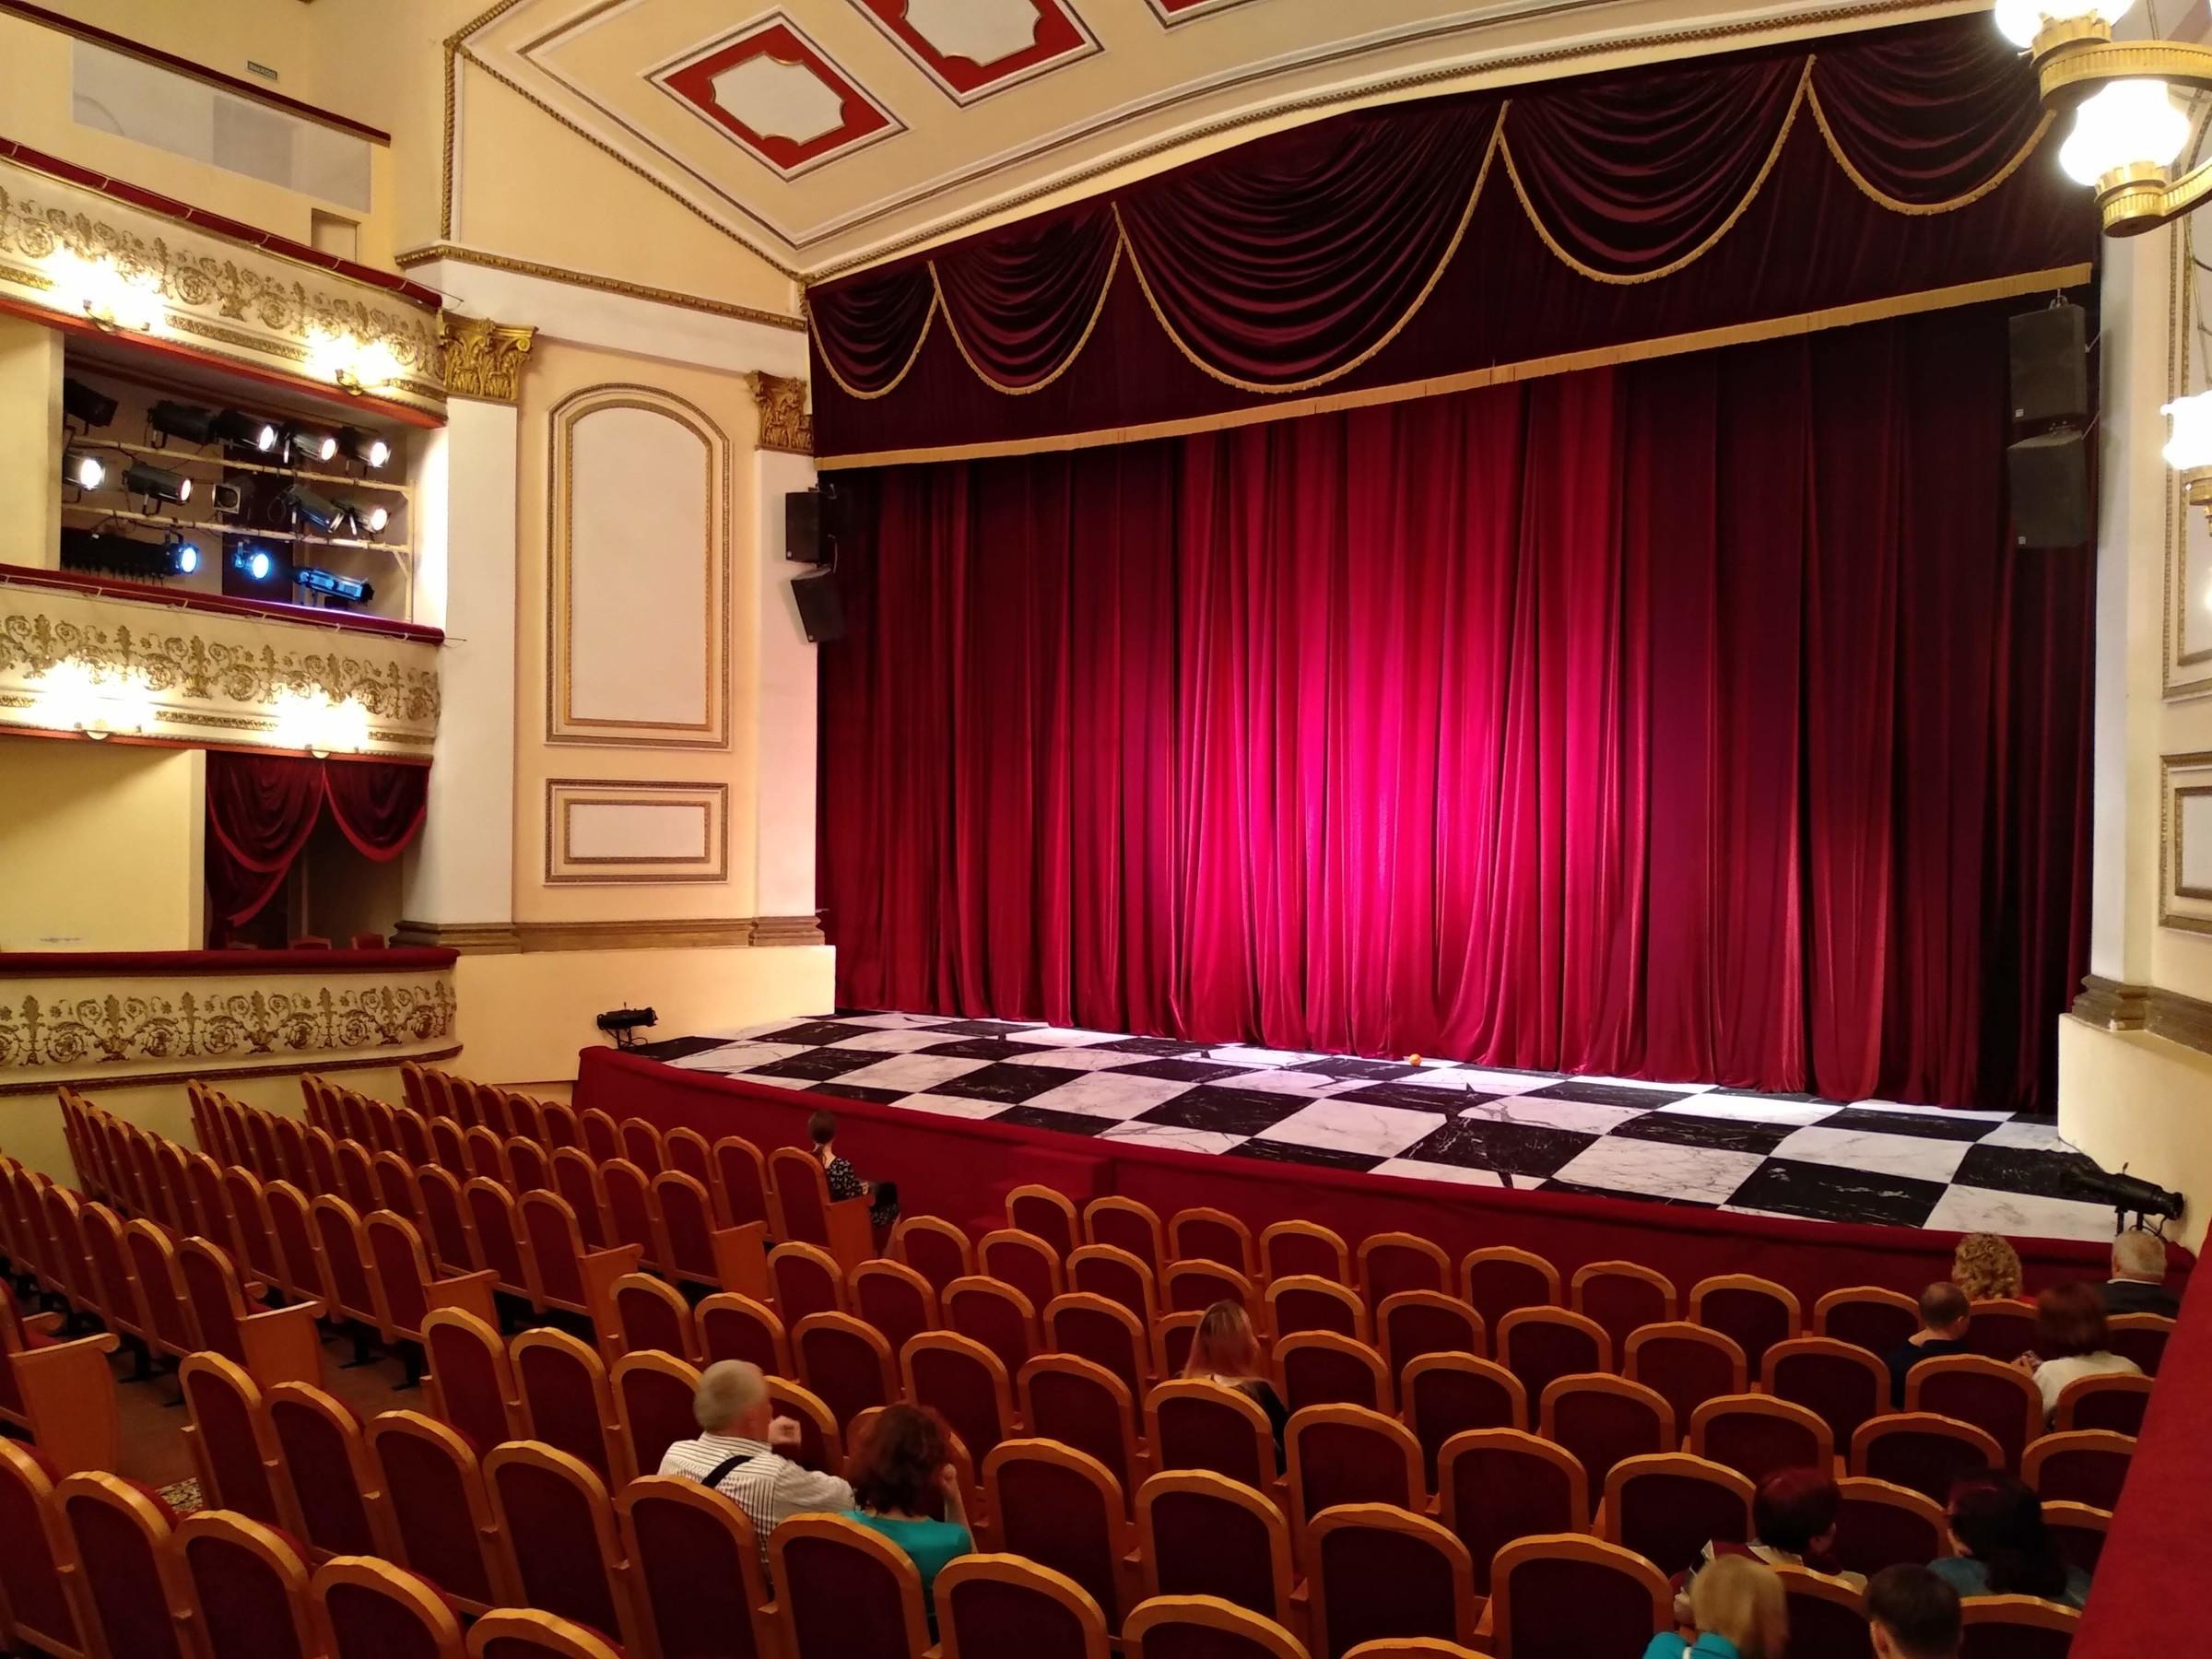 Театр в рязани на театральной афиша зеленый театр одесса афиша